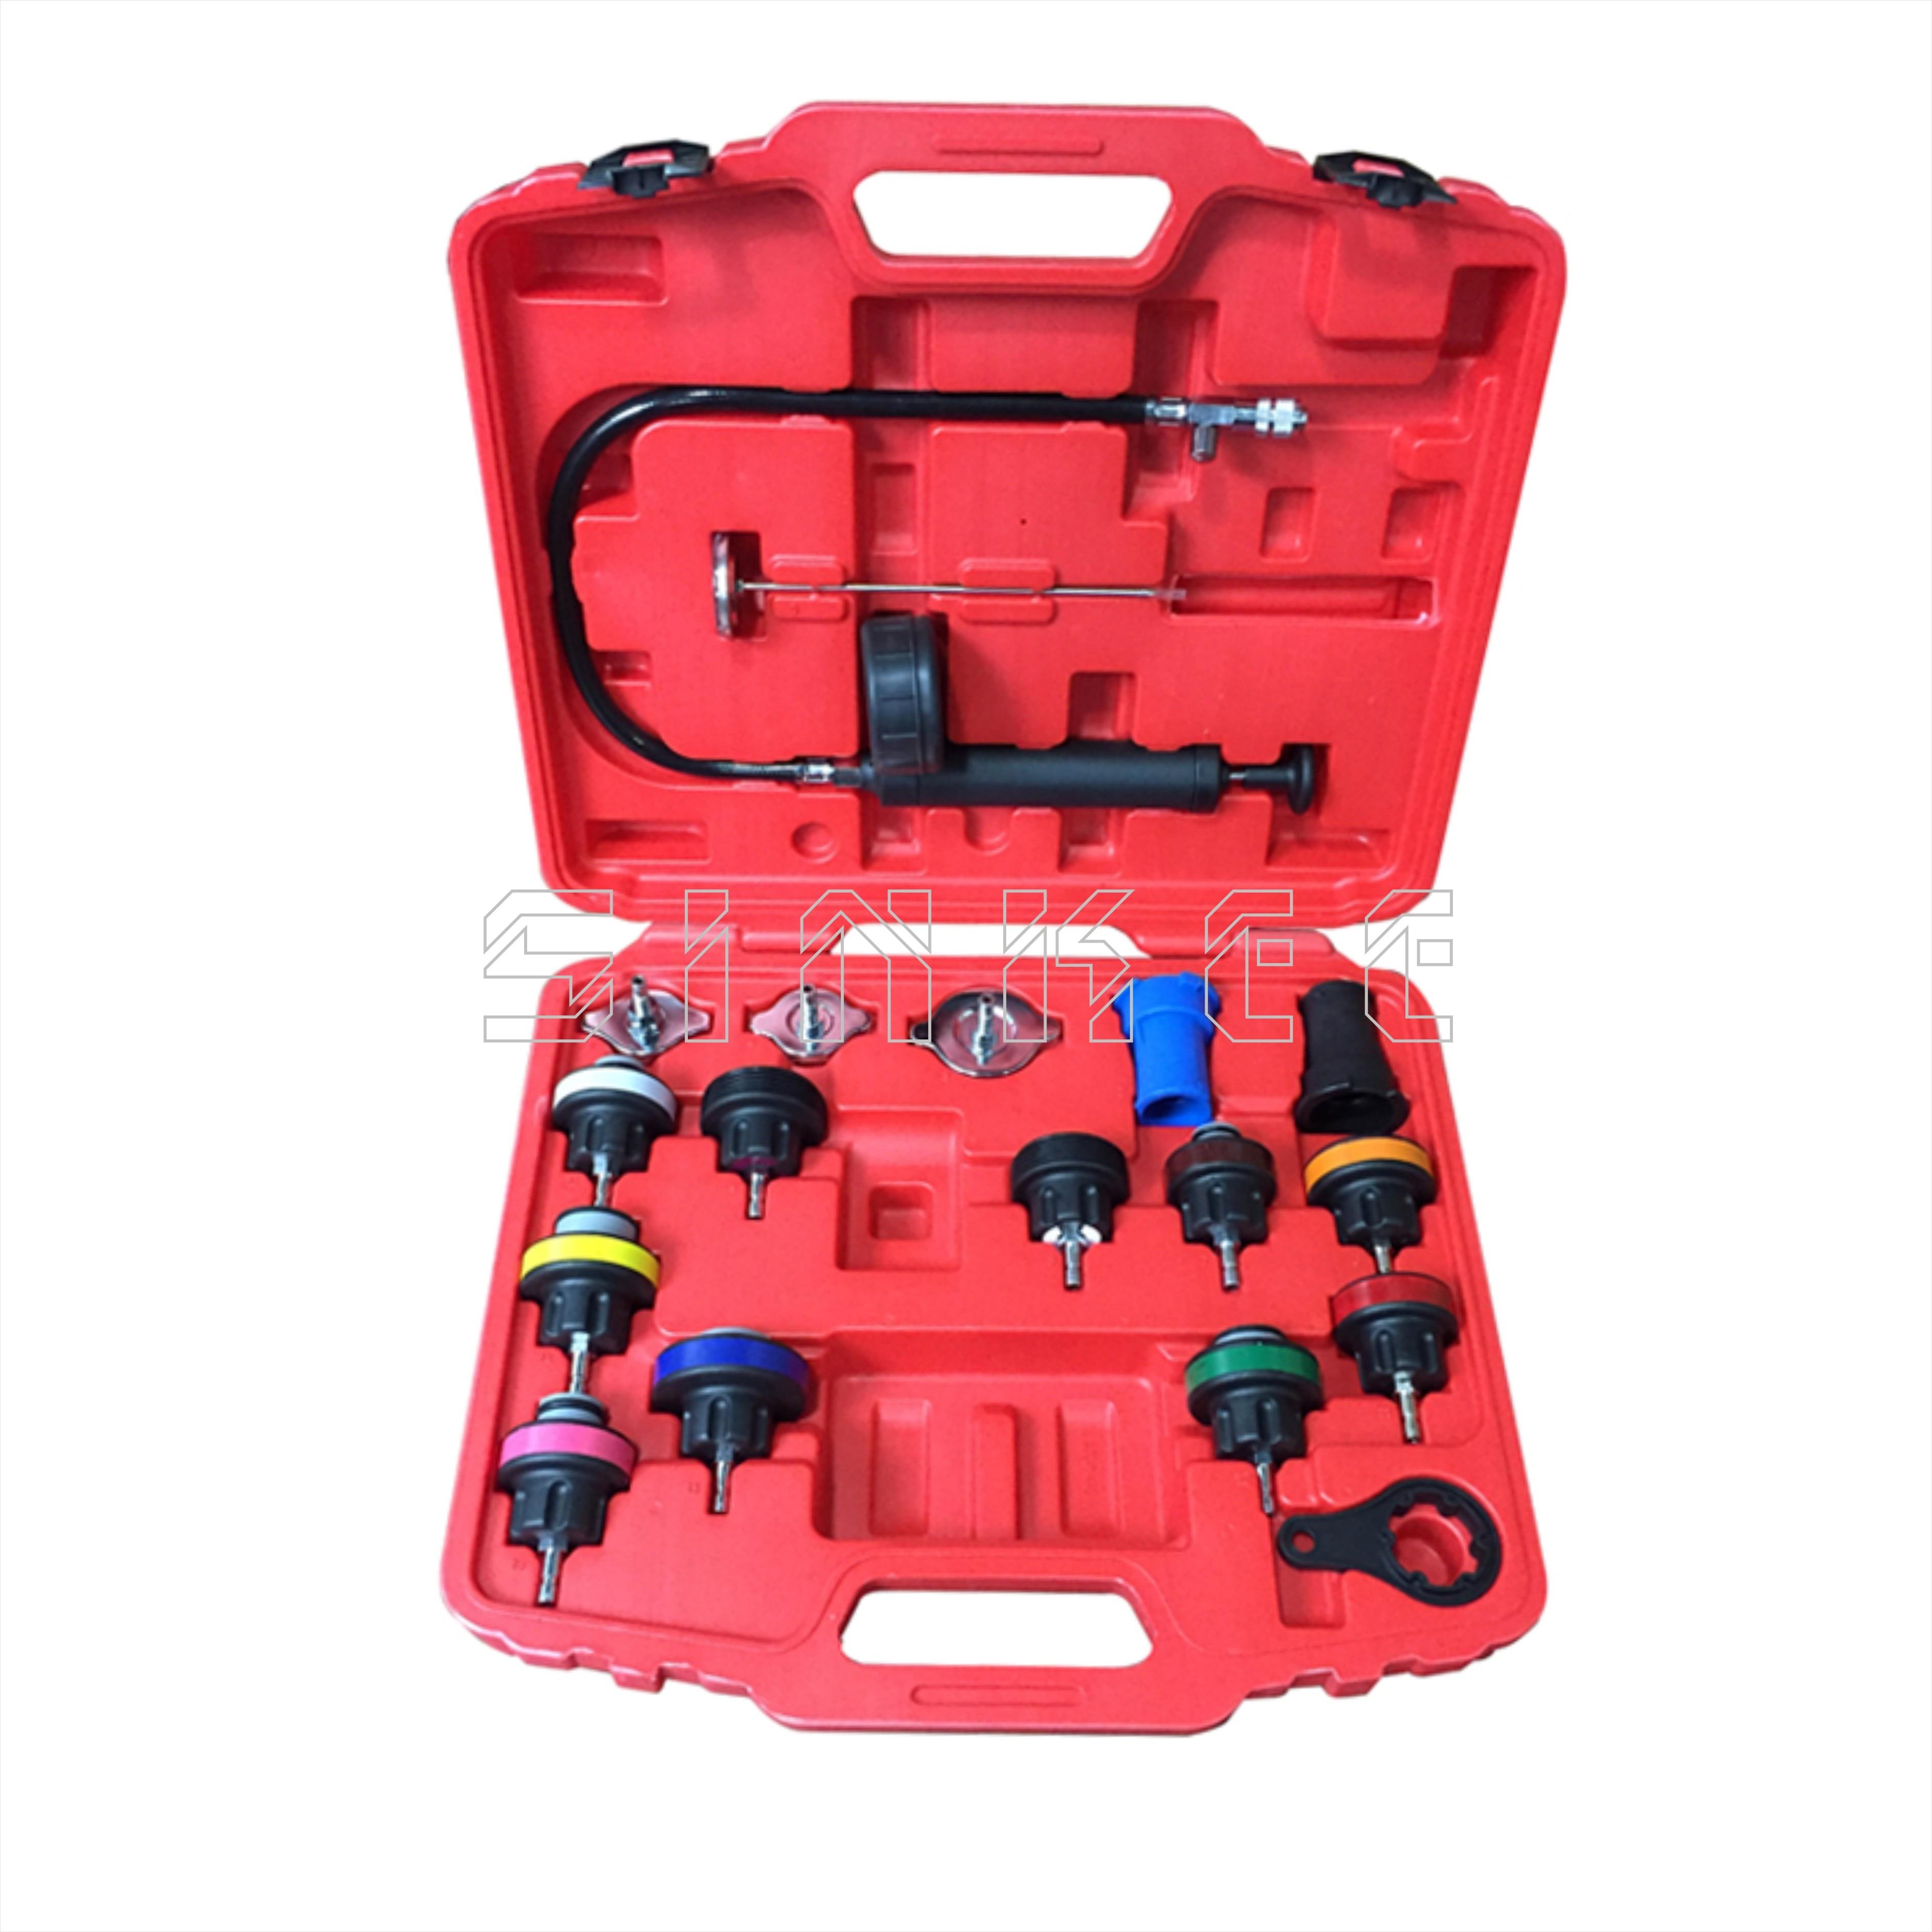 18 pièces testeur de pression de radiateur Kit d'outils système de refroidissement outil d'essai véhicule sous vide universel pour VW Audi BMW Ford Volvo SK1383